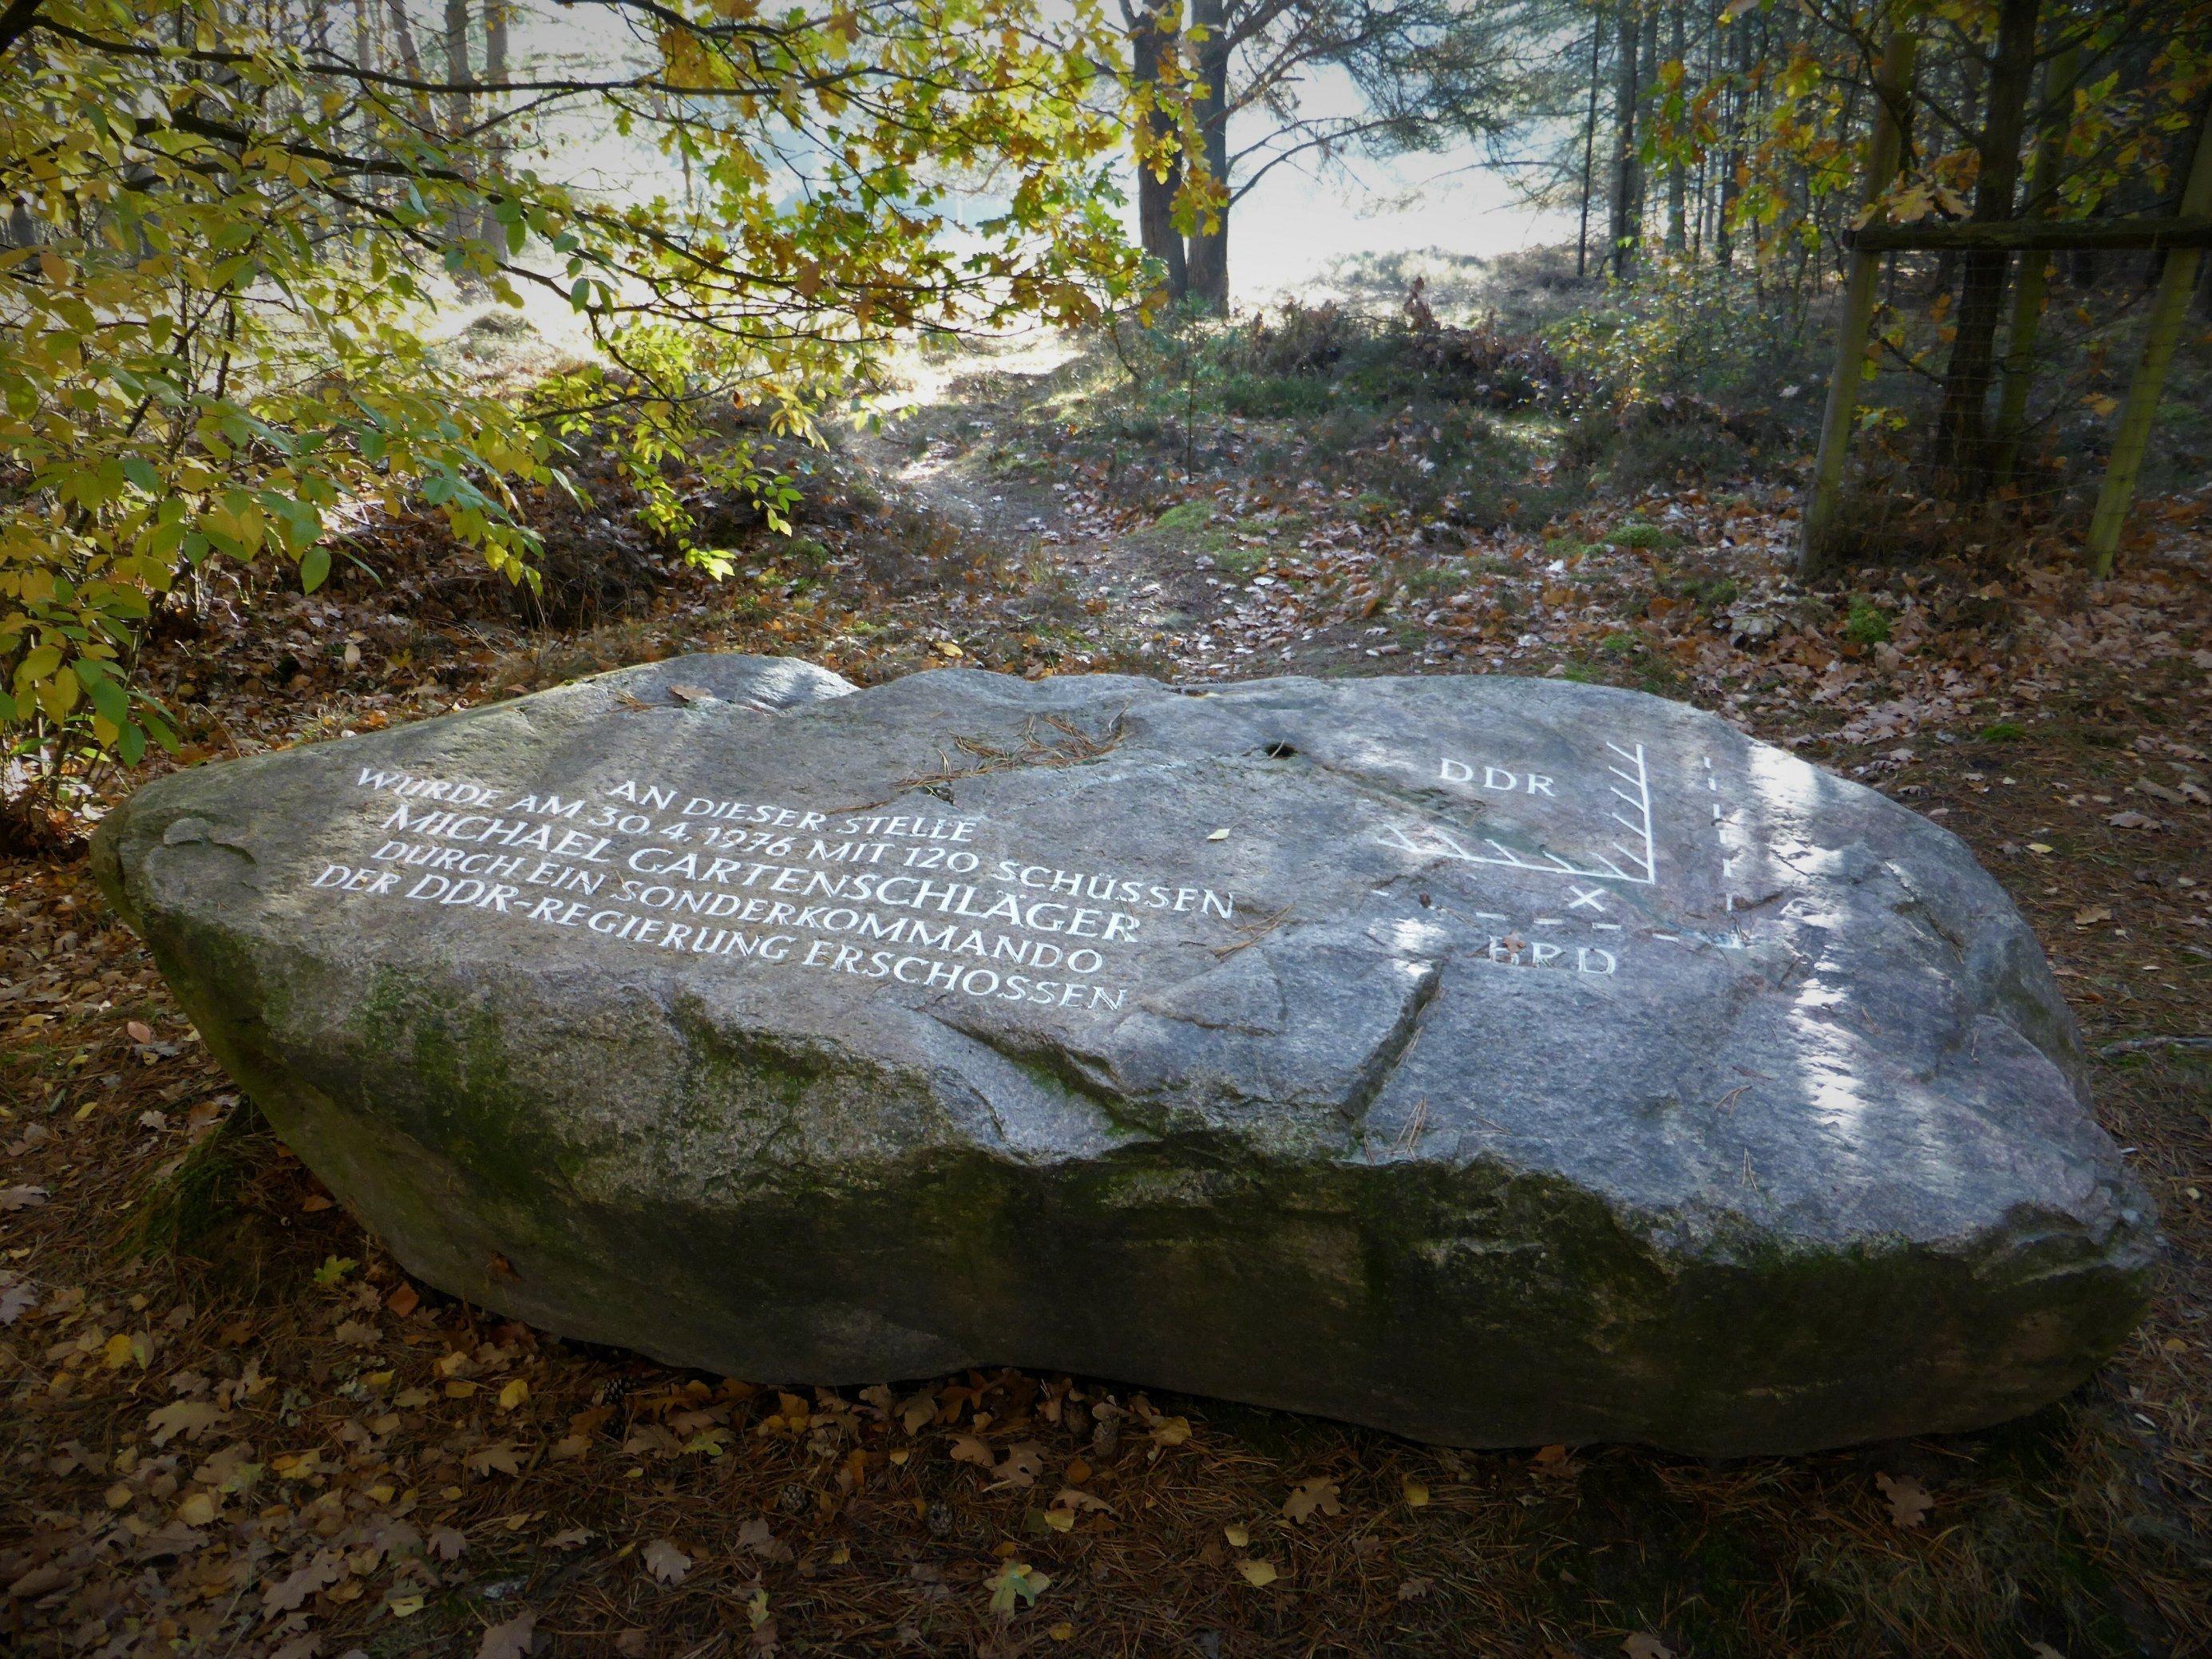 Zu lesen ist auf dem Felsblock: An diser Stelle wurde am 3.4.1976mit 120Schüssen Michael Gartenschläger durch ein Sonderkommando der DDR-Regierung erschossen.